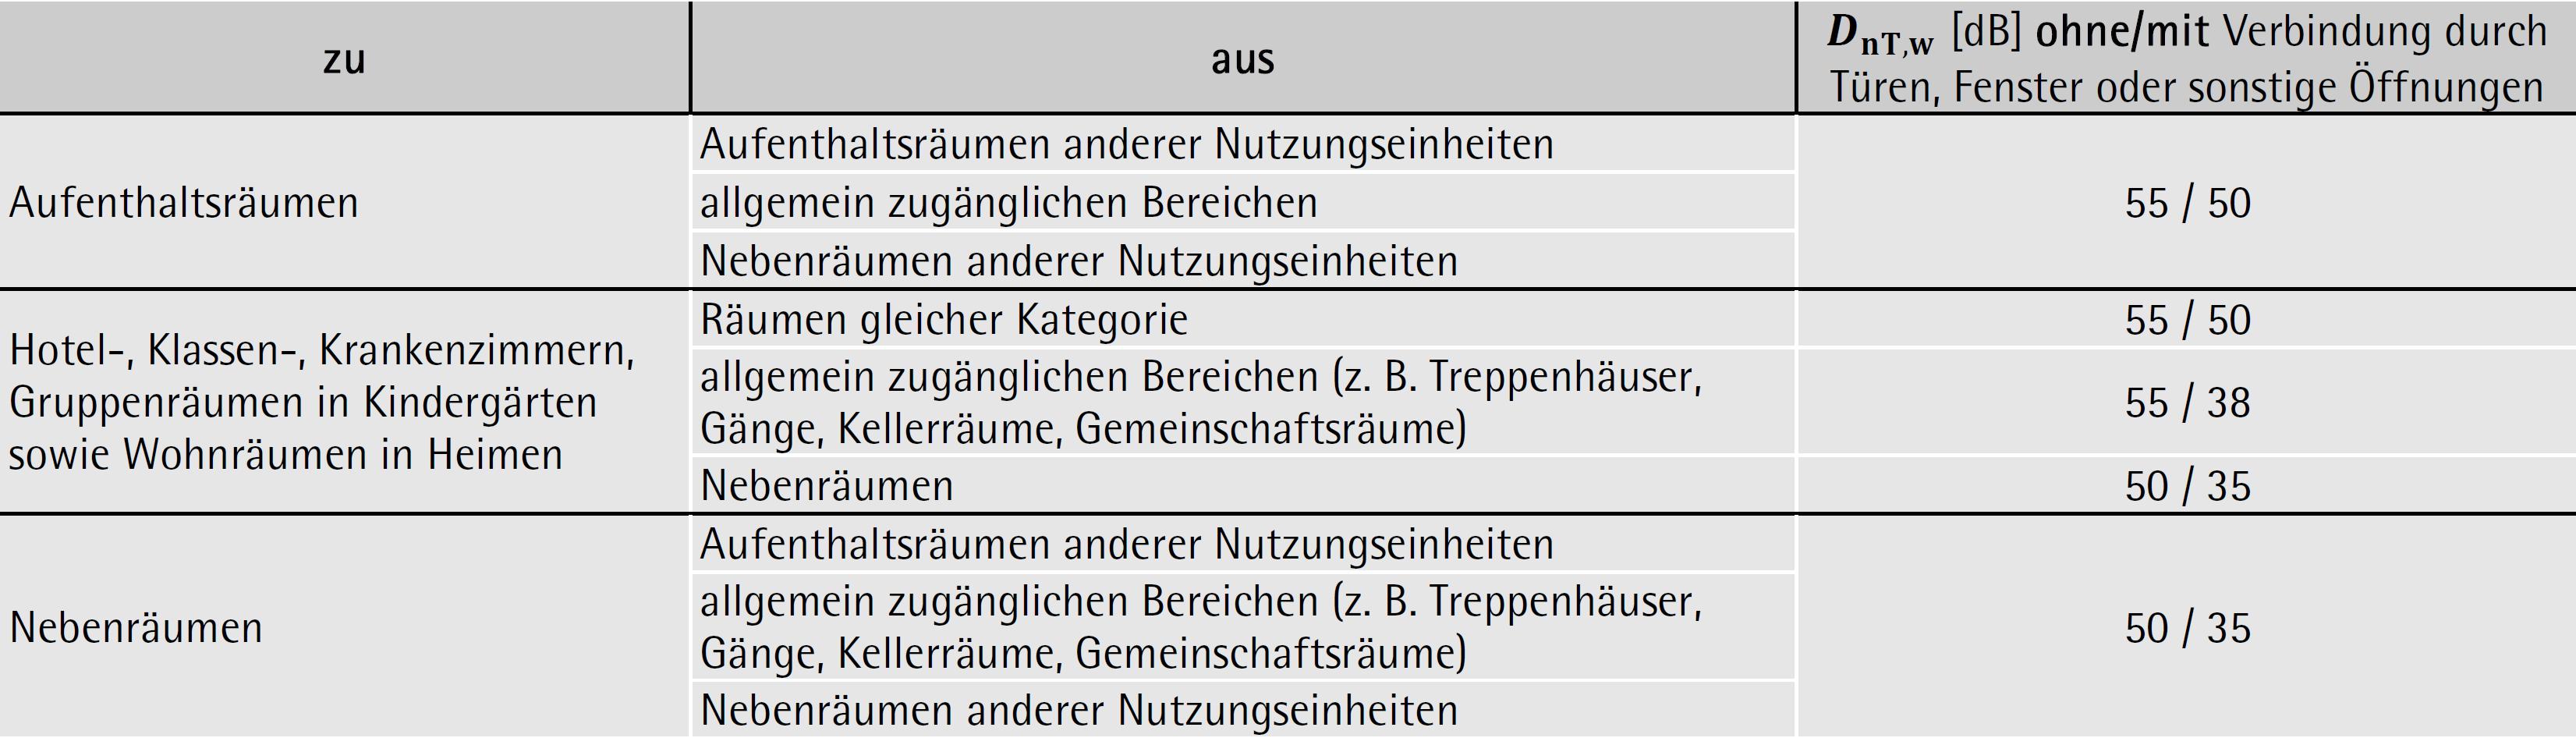 Tabelle 3-05: Mindesterforderliche bewertete Standard-Schallpegeldifferenz DnT,w in Gebäuden